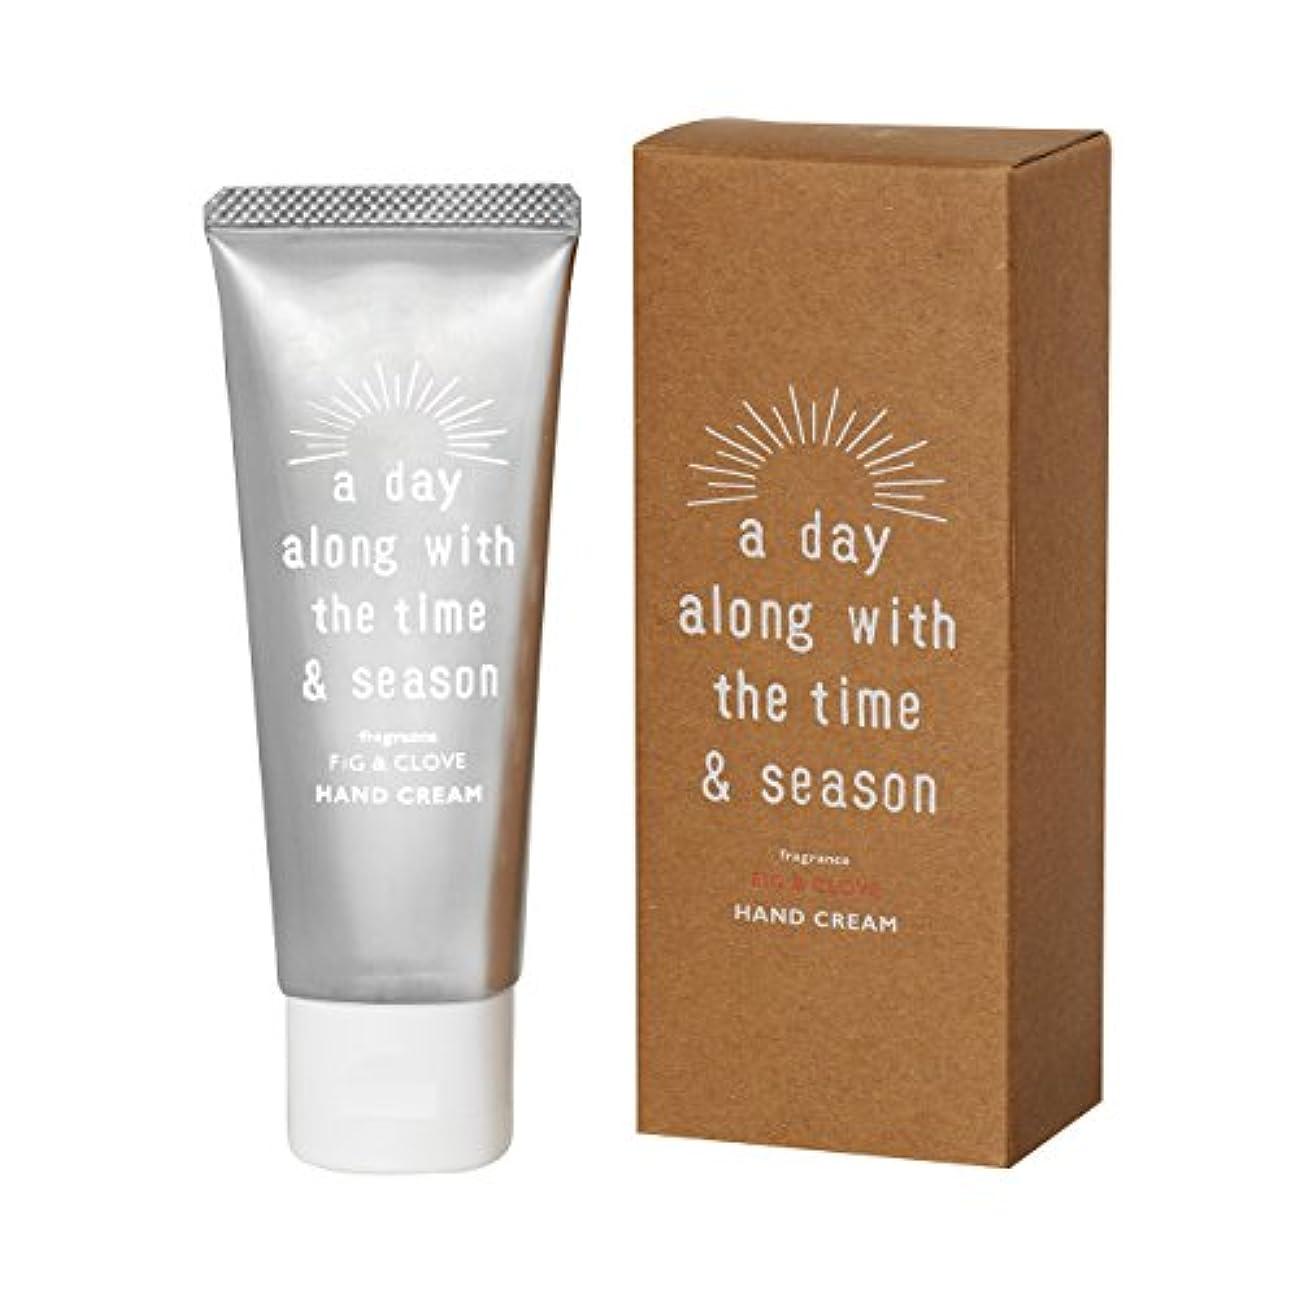 バイバイ抵抗主流アデイ(a day) ハンドクリーム フィグ&クローブ 50g(低刺激弱酸性 天然由来 手肌用保湿 個性的でフルーティーなフィグにオリエンタルなクローブを組み合わせた香り)